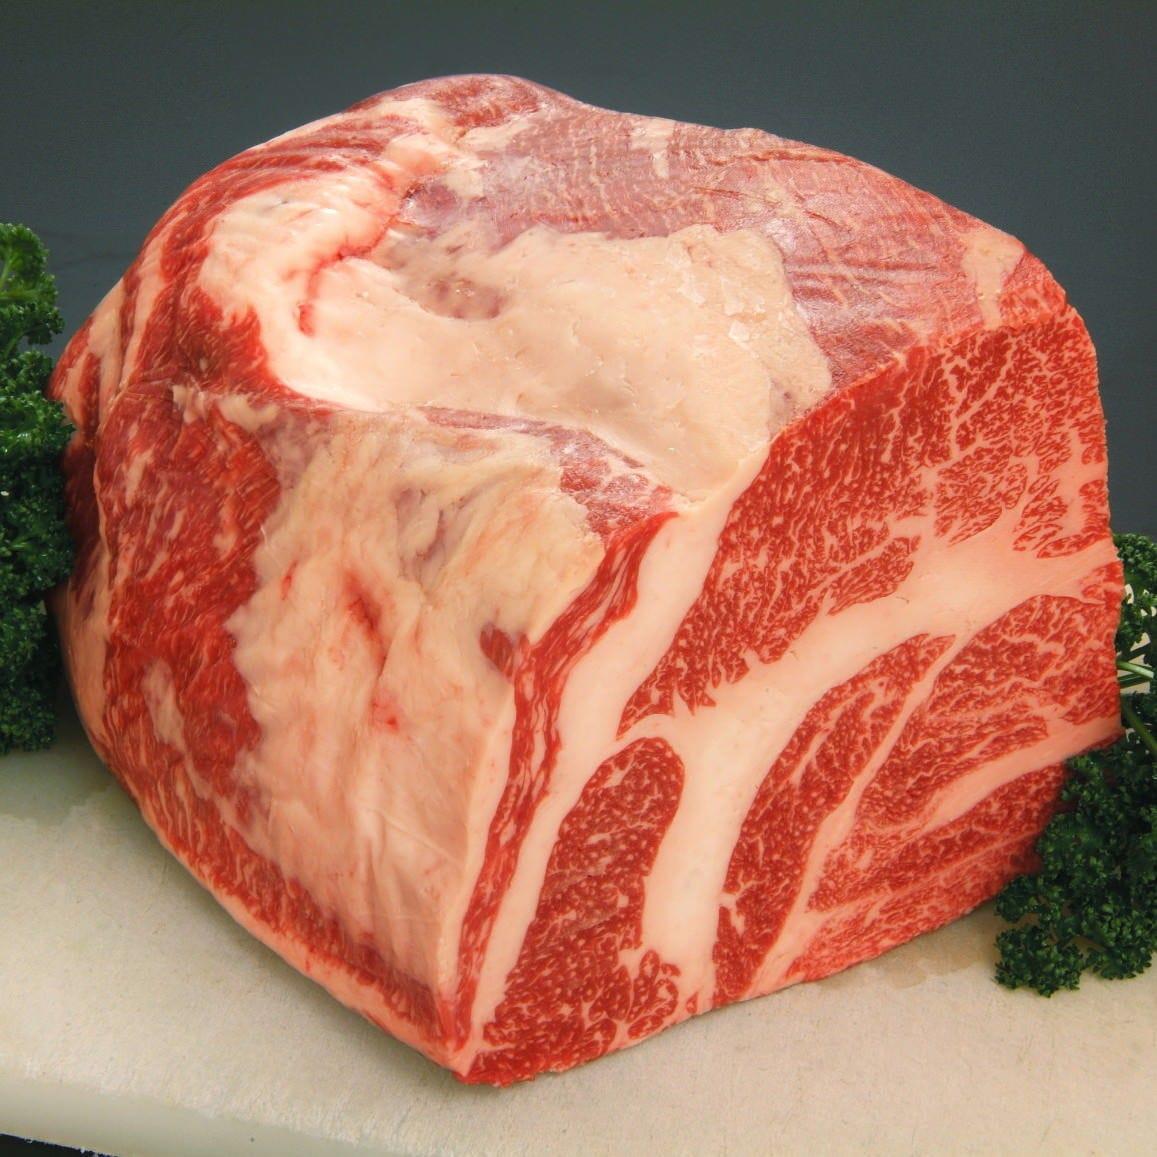 厳選和牛は絶品、もちろんこちらも食べ放題コースございます!